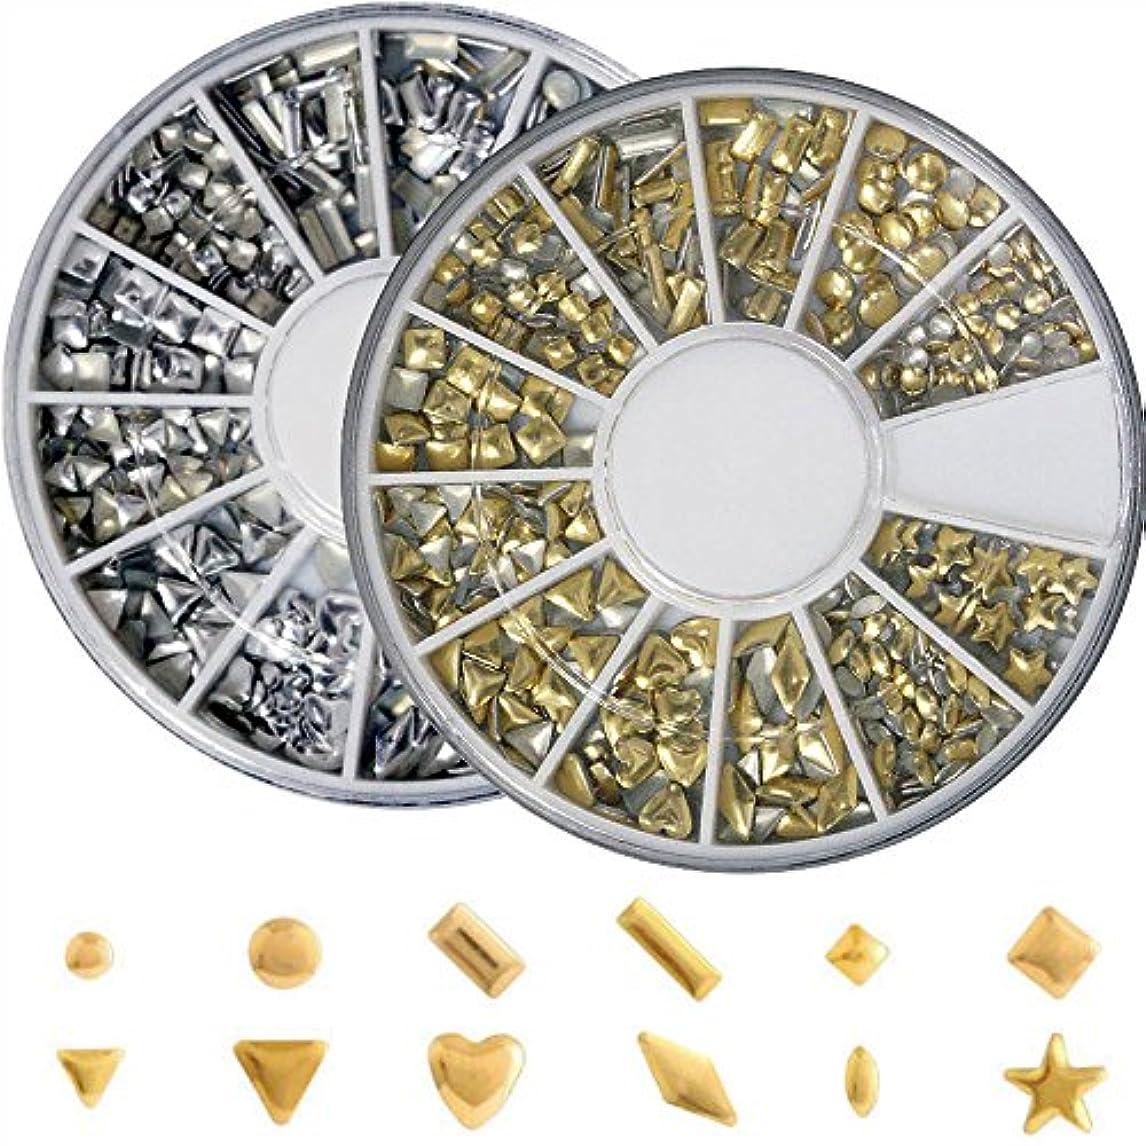 対象オーバーフローハードリングメタルスタッズ12種類 ネイル用 ゴールド&シルバー ラウンドケース入2個/セット